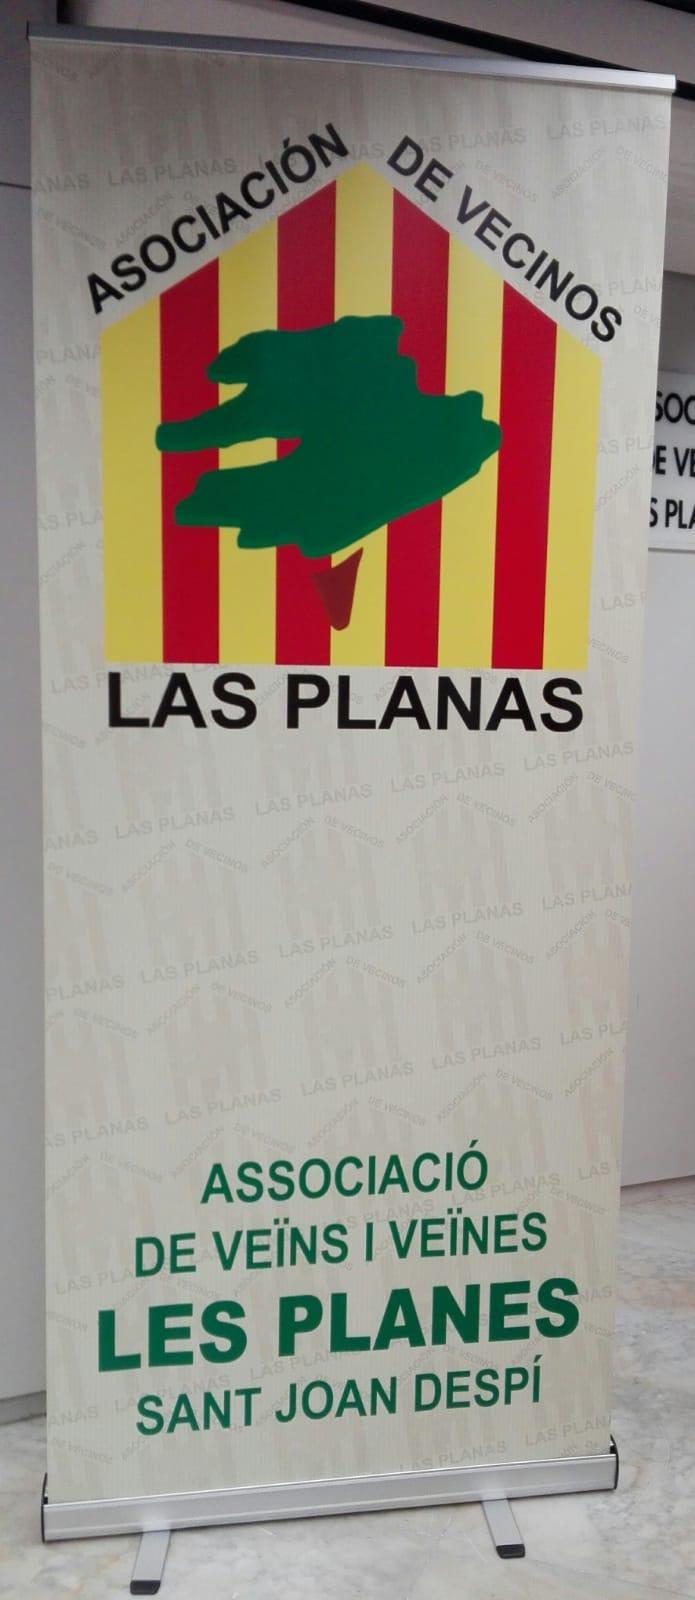 Publicidad Integral para la Asociación de Vecinos de Sant Joan Despi Tot Grafic, diseño e impresión de publicidad personalizada en todos los formatos Diseño de campaña puntual con flyers, roll-app, pancarta y tarjetas